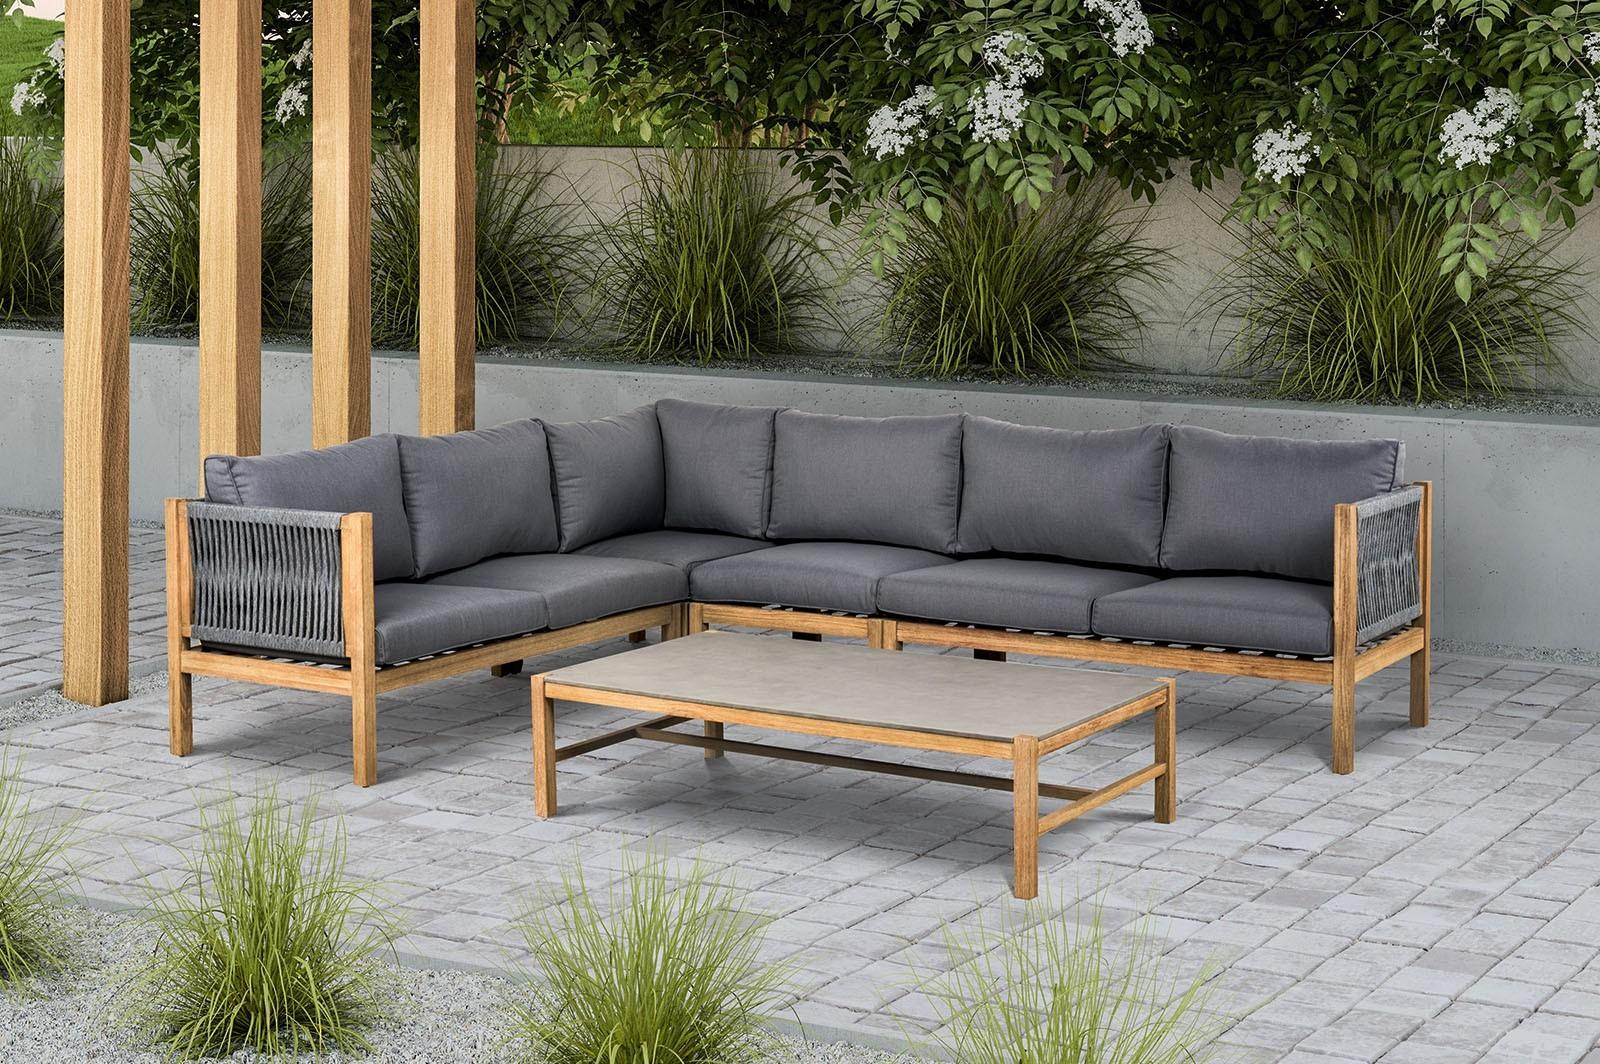 Wypoczynek ogrodowy – komfortowe meble do letniego relaksu